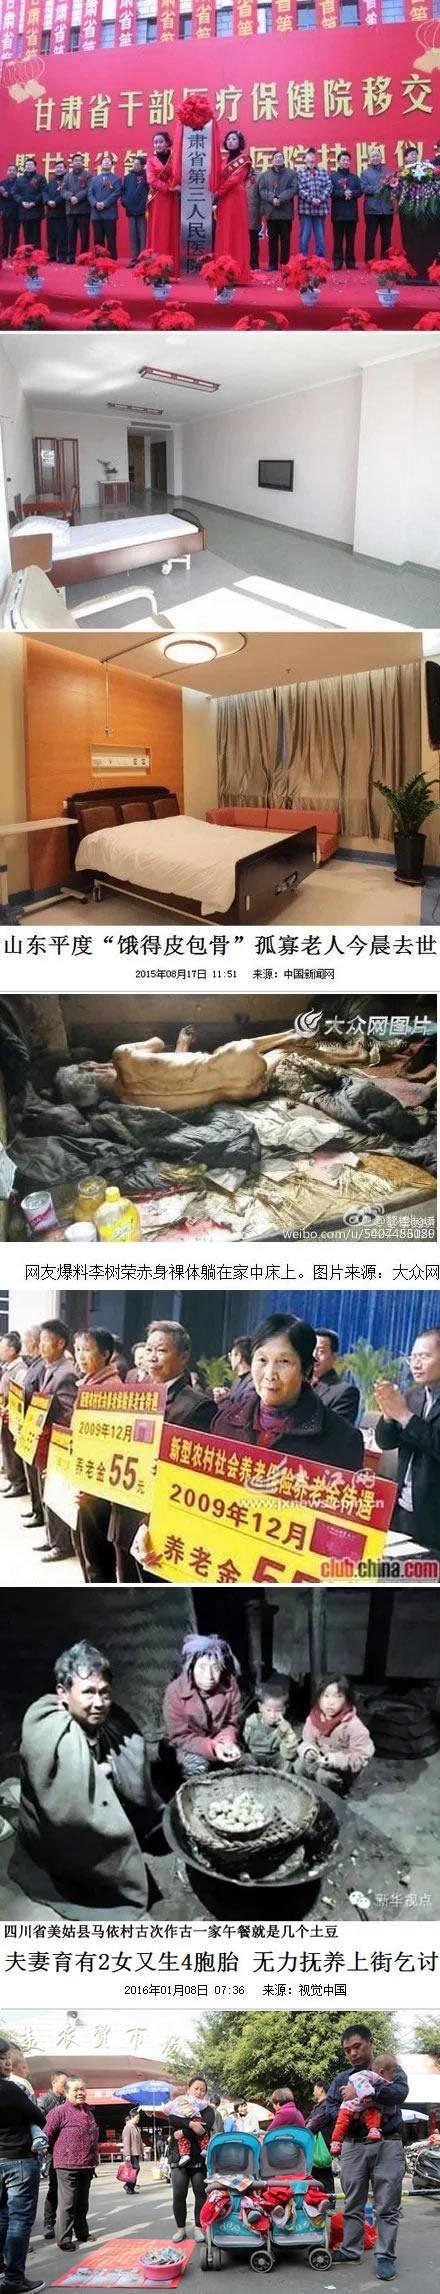 刘植荣:免费医疗应是中国梦的重要元素 - 刘植荣 - 刘植荣的博客